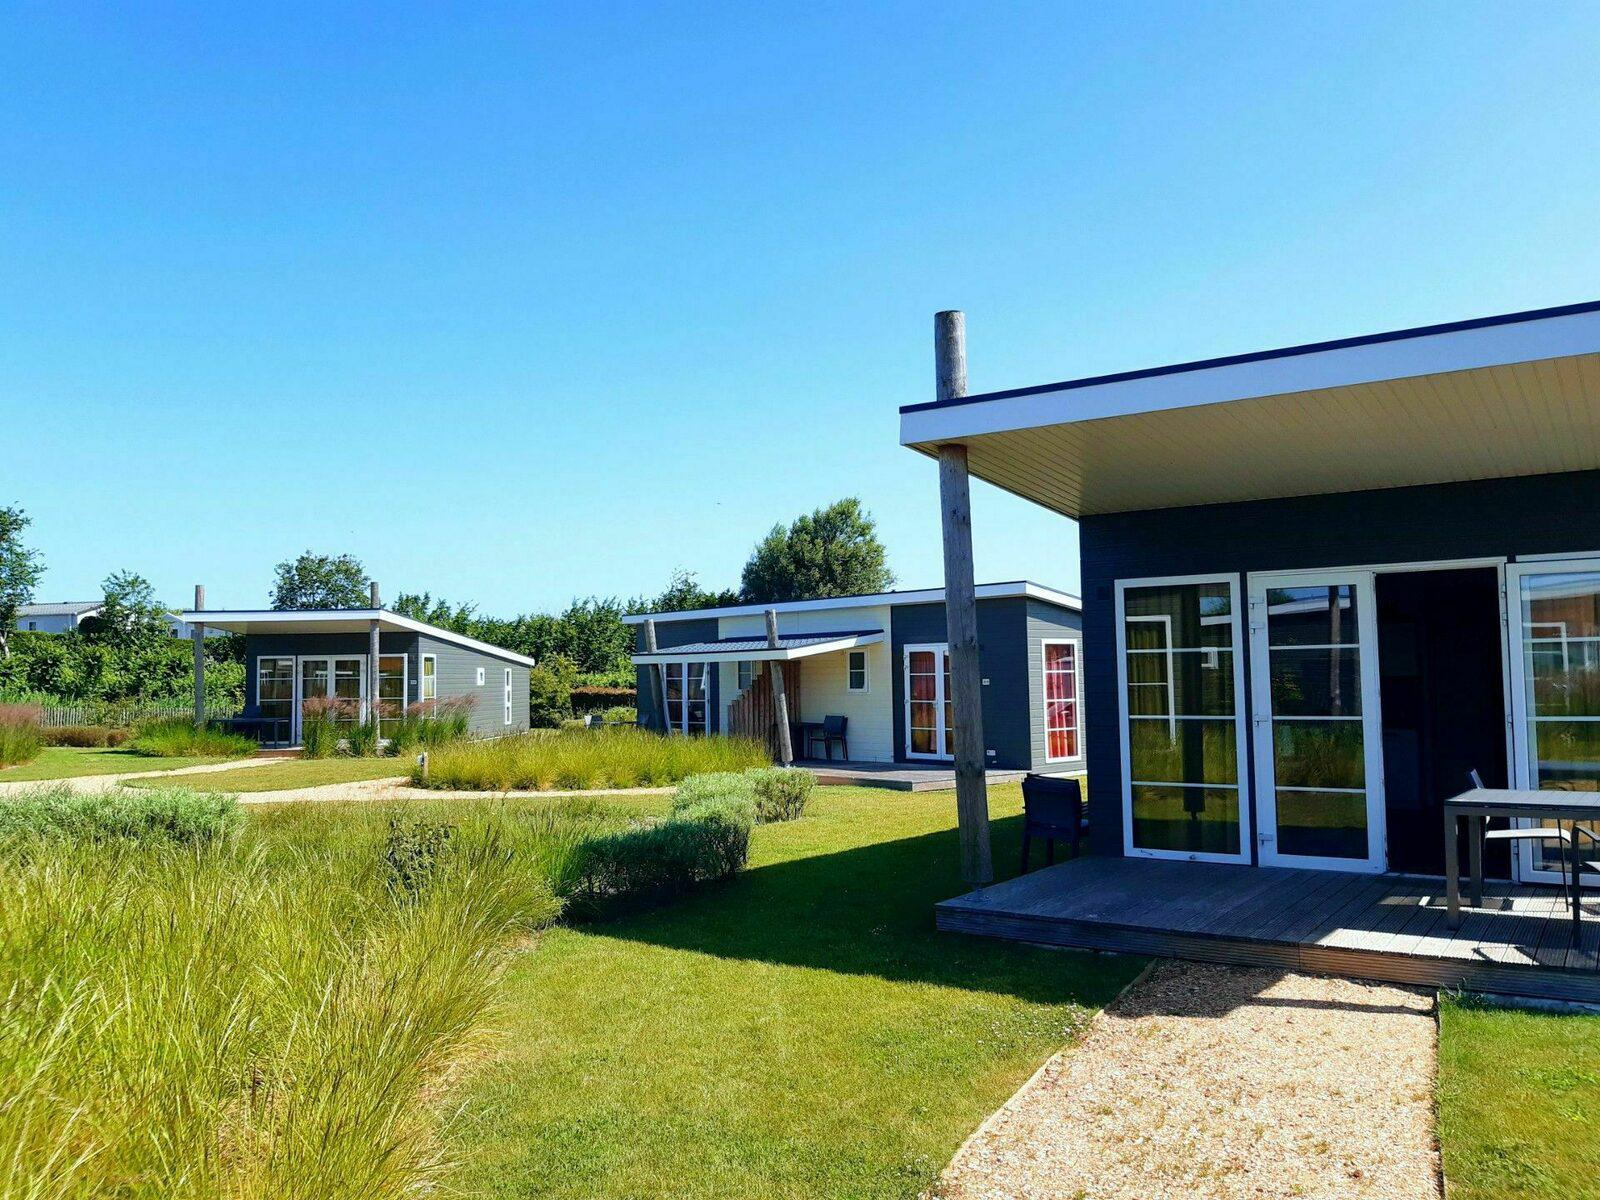 Kompas Camping Nieuwpoort Kampeerplaats Comfort Lodge 2 personen